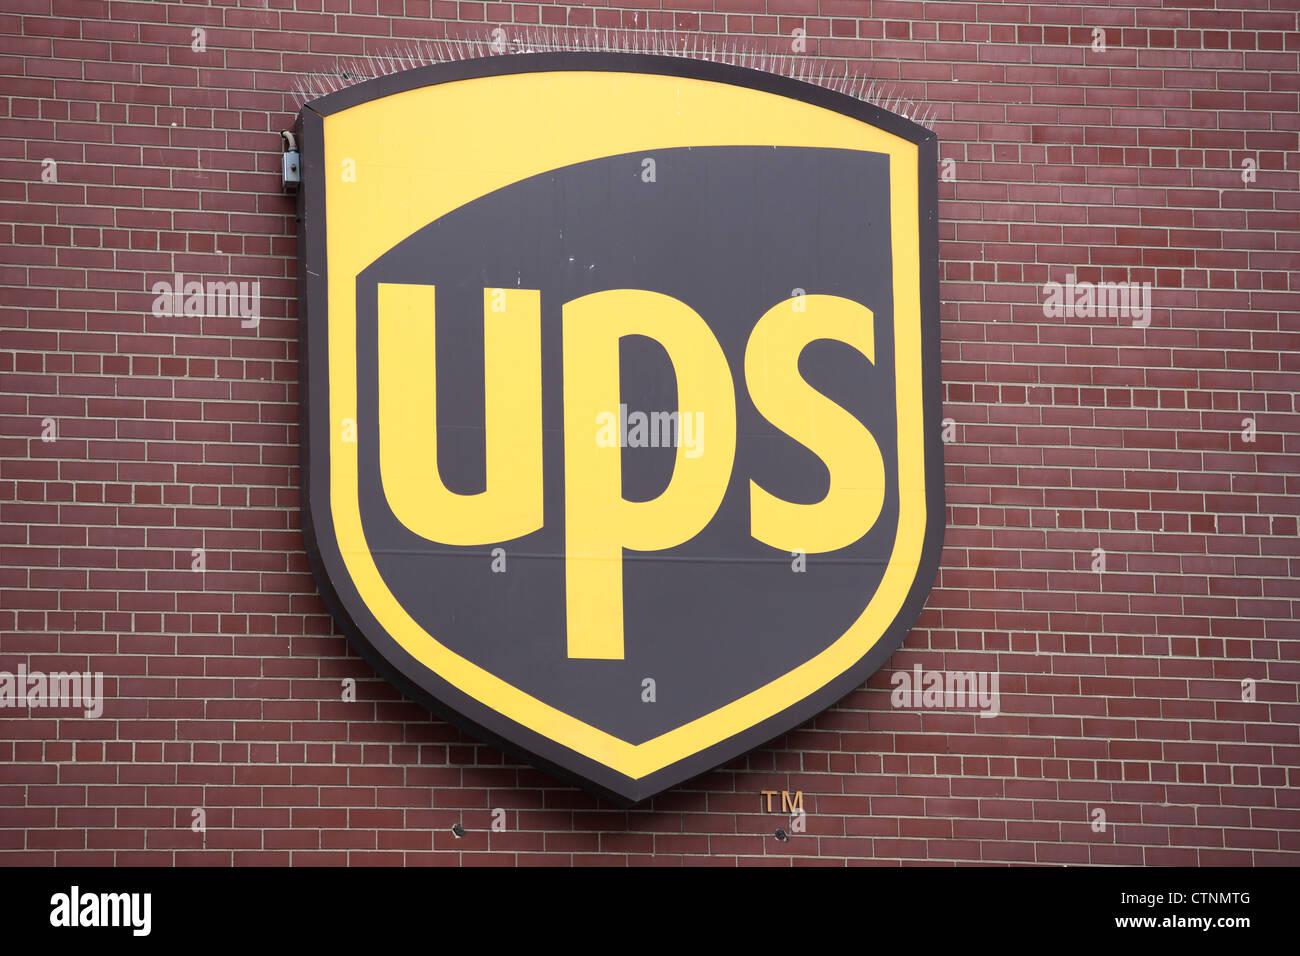 United Parcel Service (UPS) Zeichen an der Wand. Stockbild